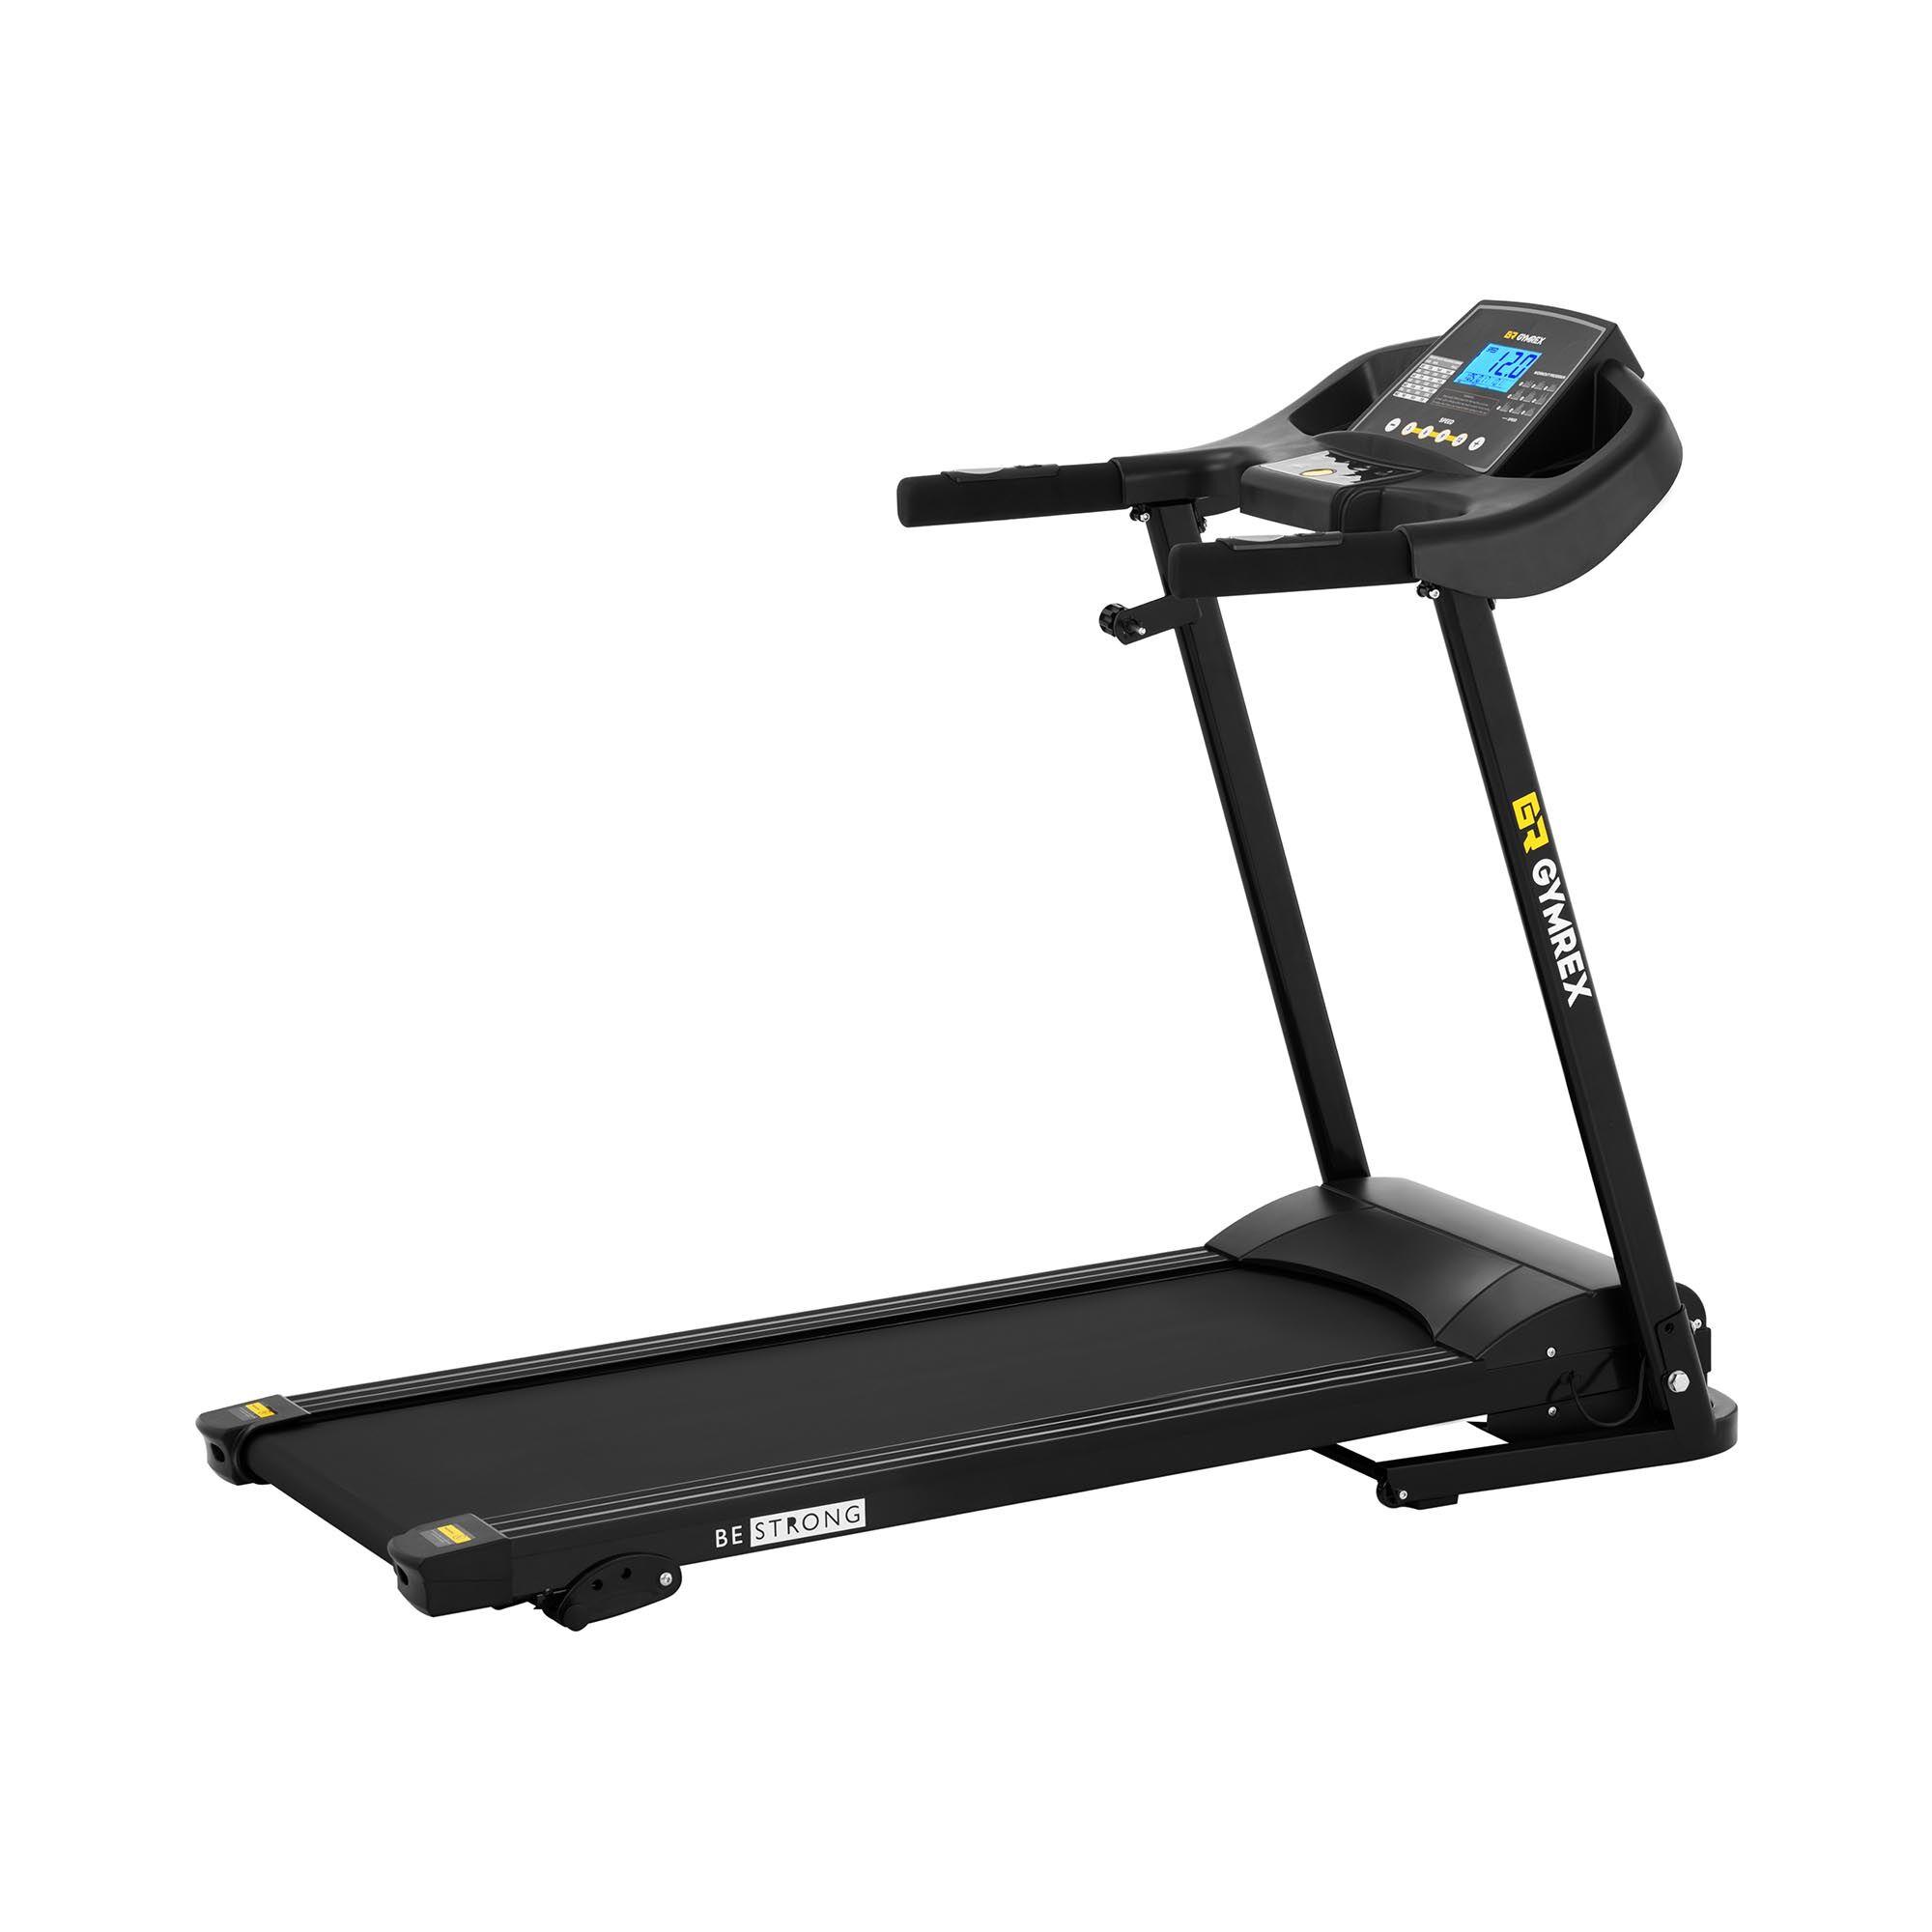 gymrex tapis roulant pieghevole - 1.200 w - da 1 a 12 km/h - 120 kg - 3 livelli di inclinazione gr-mg30